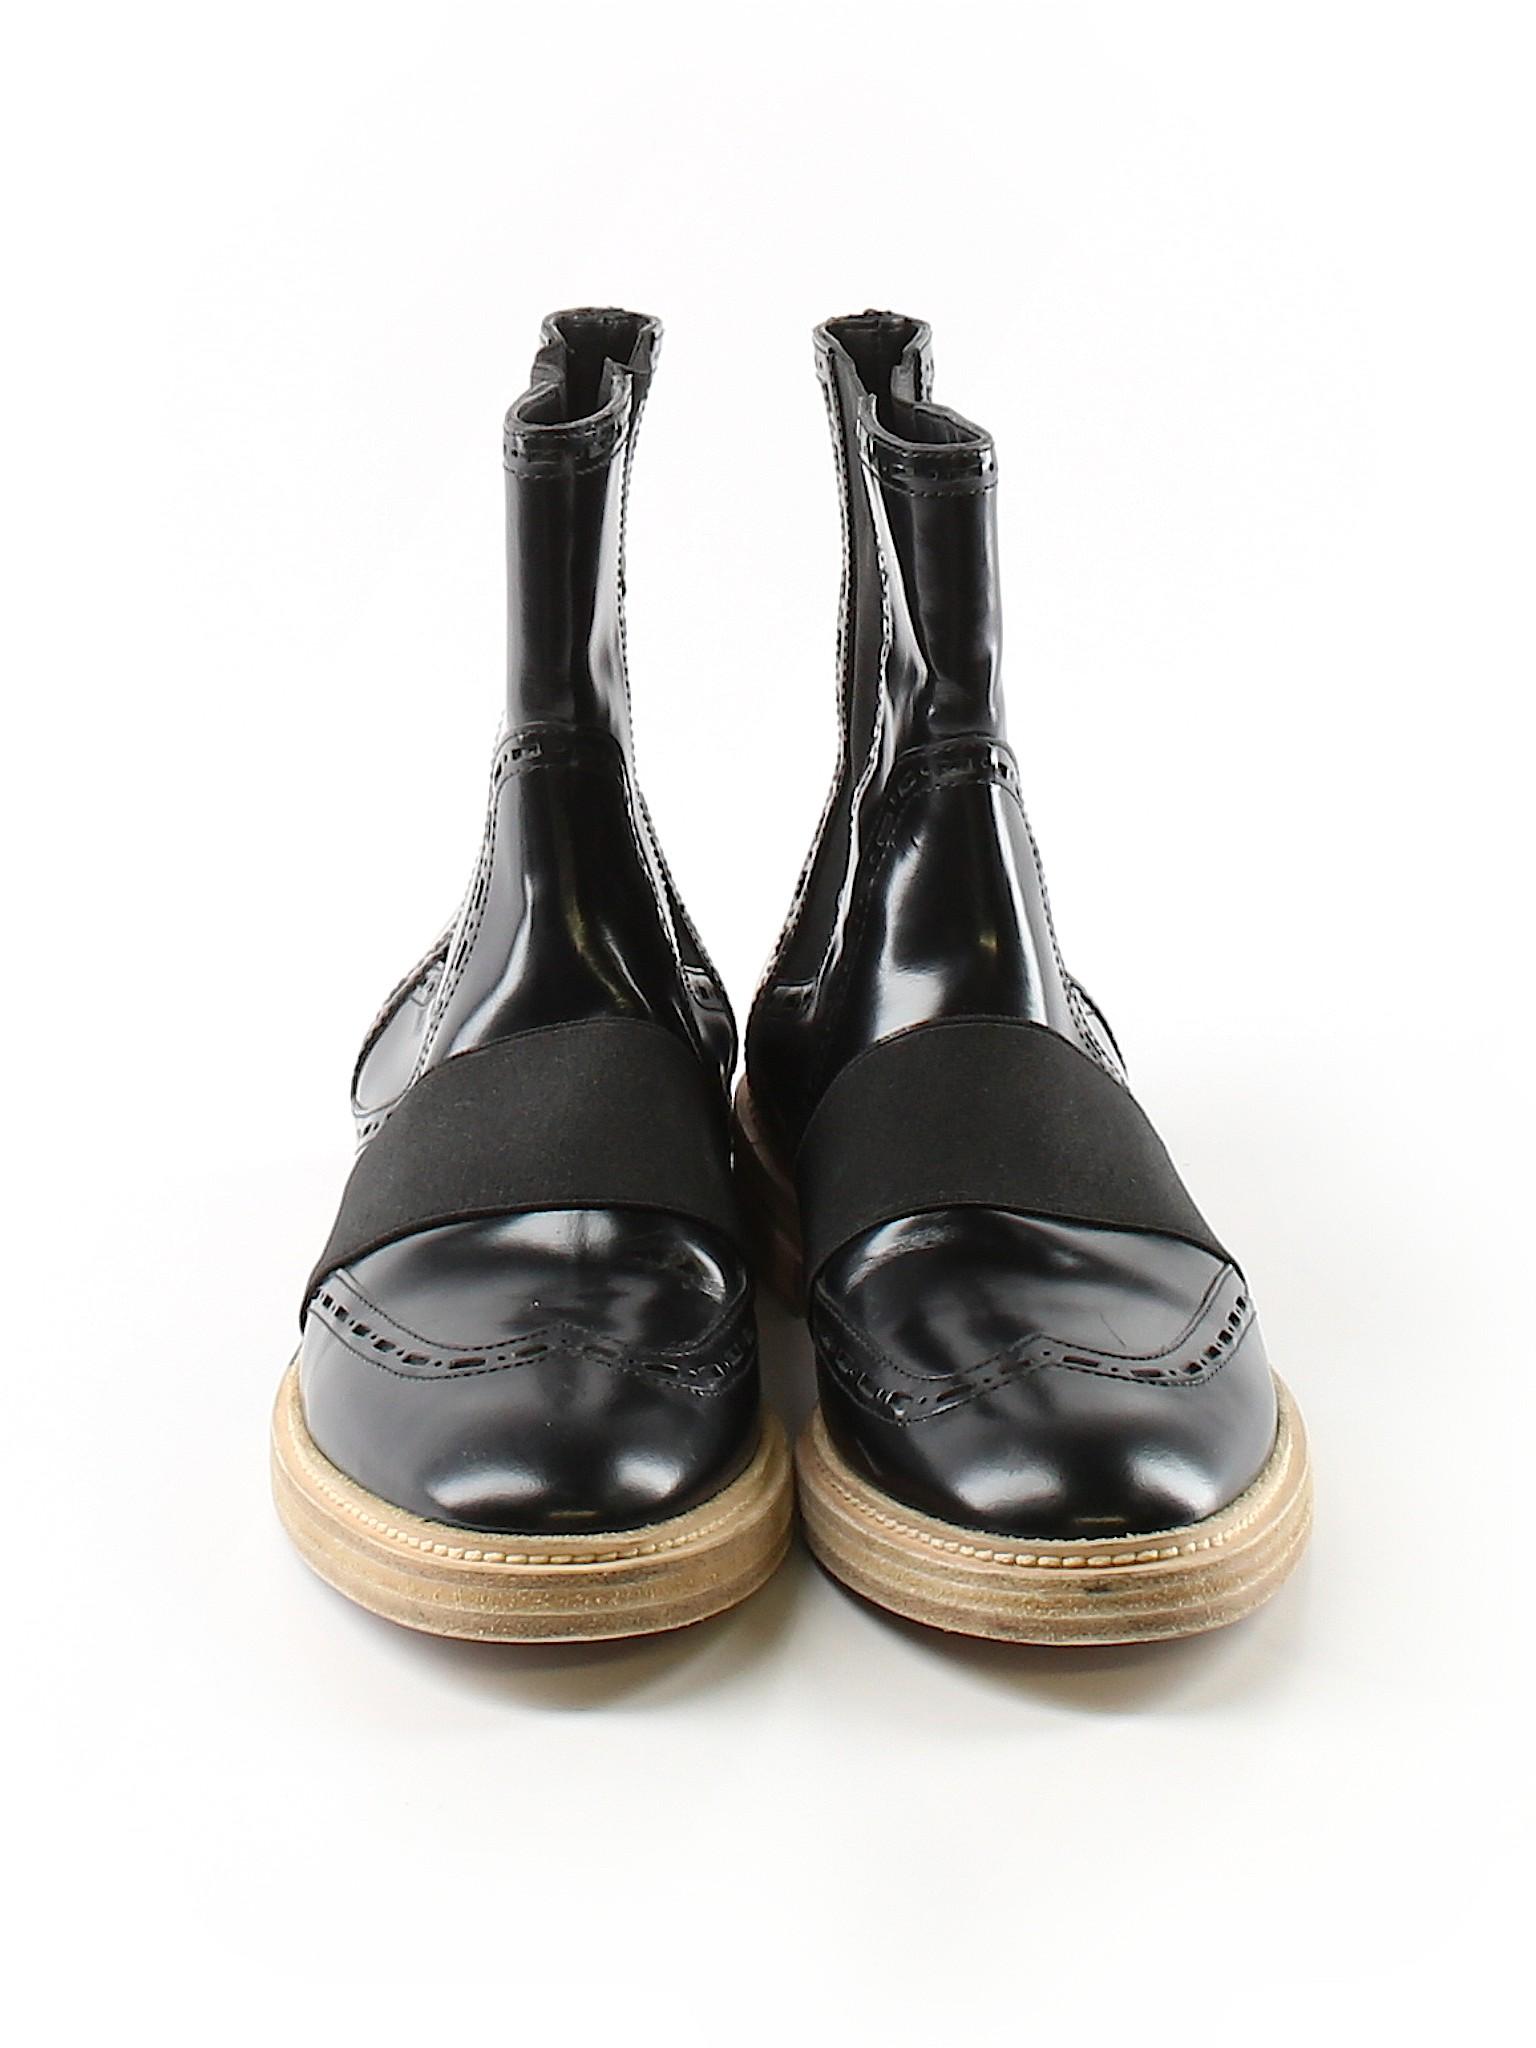 Boutique Boots Balenciaga Balenciaga Boots Balenciaga Boutique Balenciaga Boots promotion Boutique promotion promotion Boutique Boots promotion ppZwcfSq